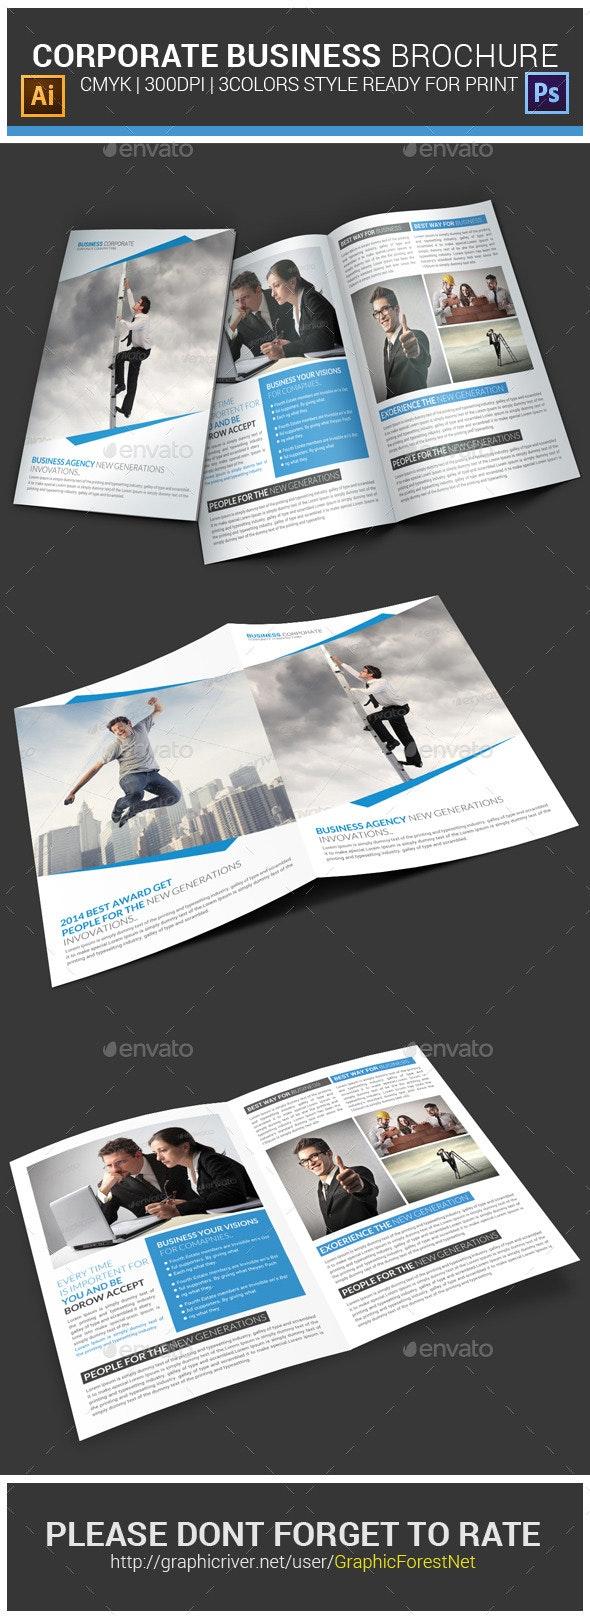 Corporate Business Brochure Psd Template - Corporate Brochures